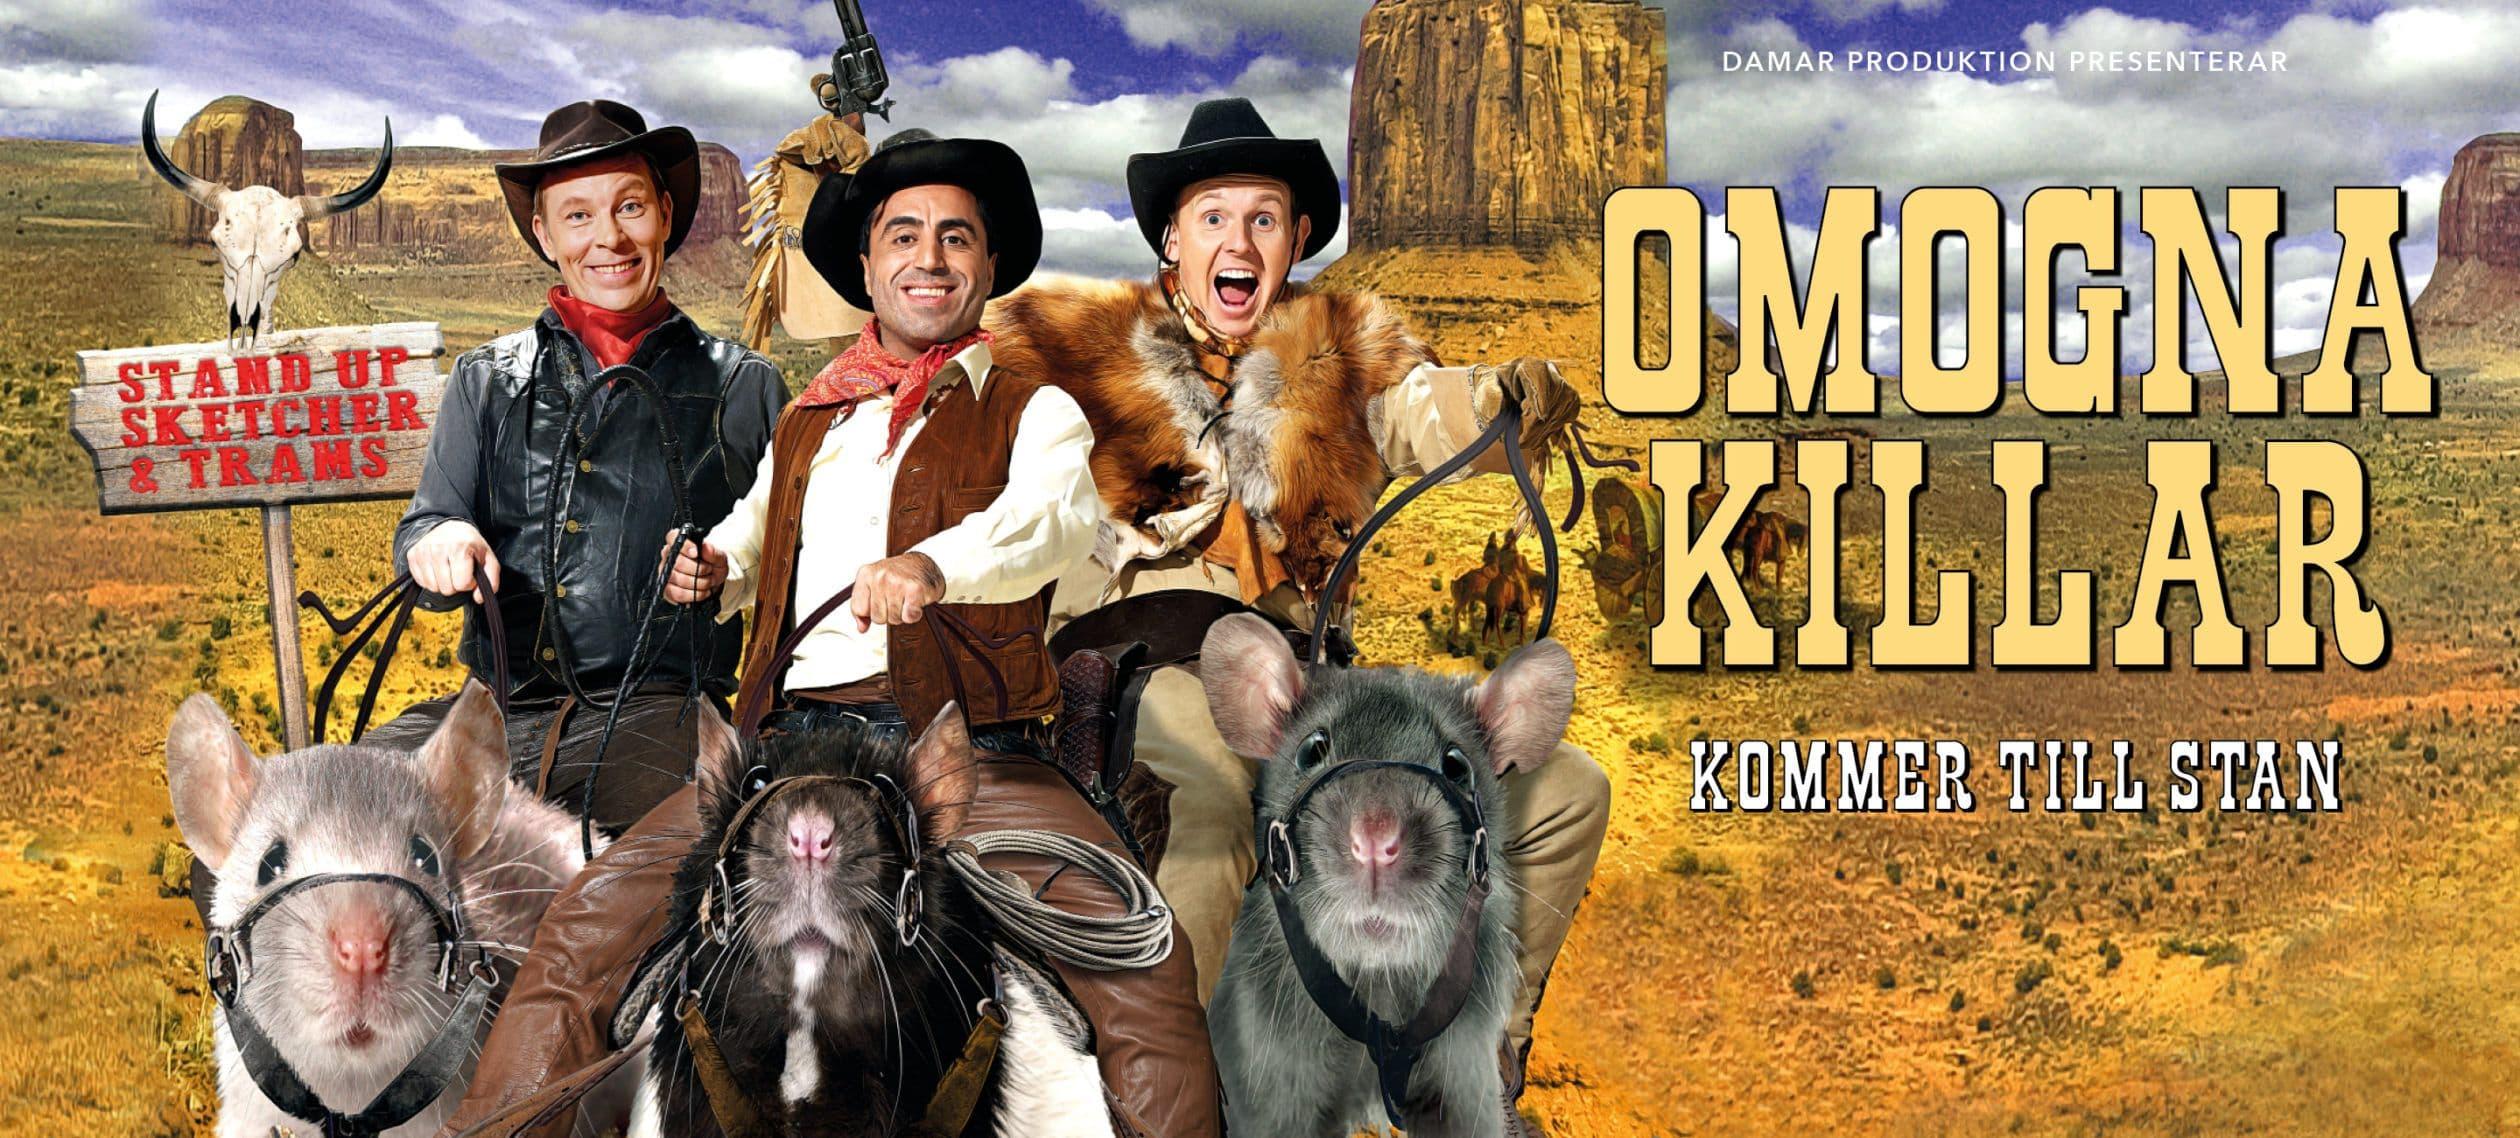 Humorgruppen Omogna killar är tillbaka med ny show